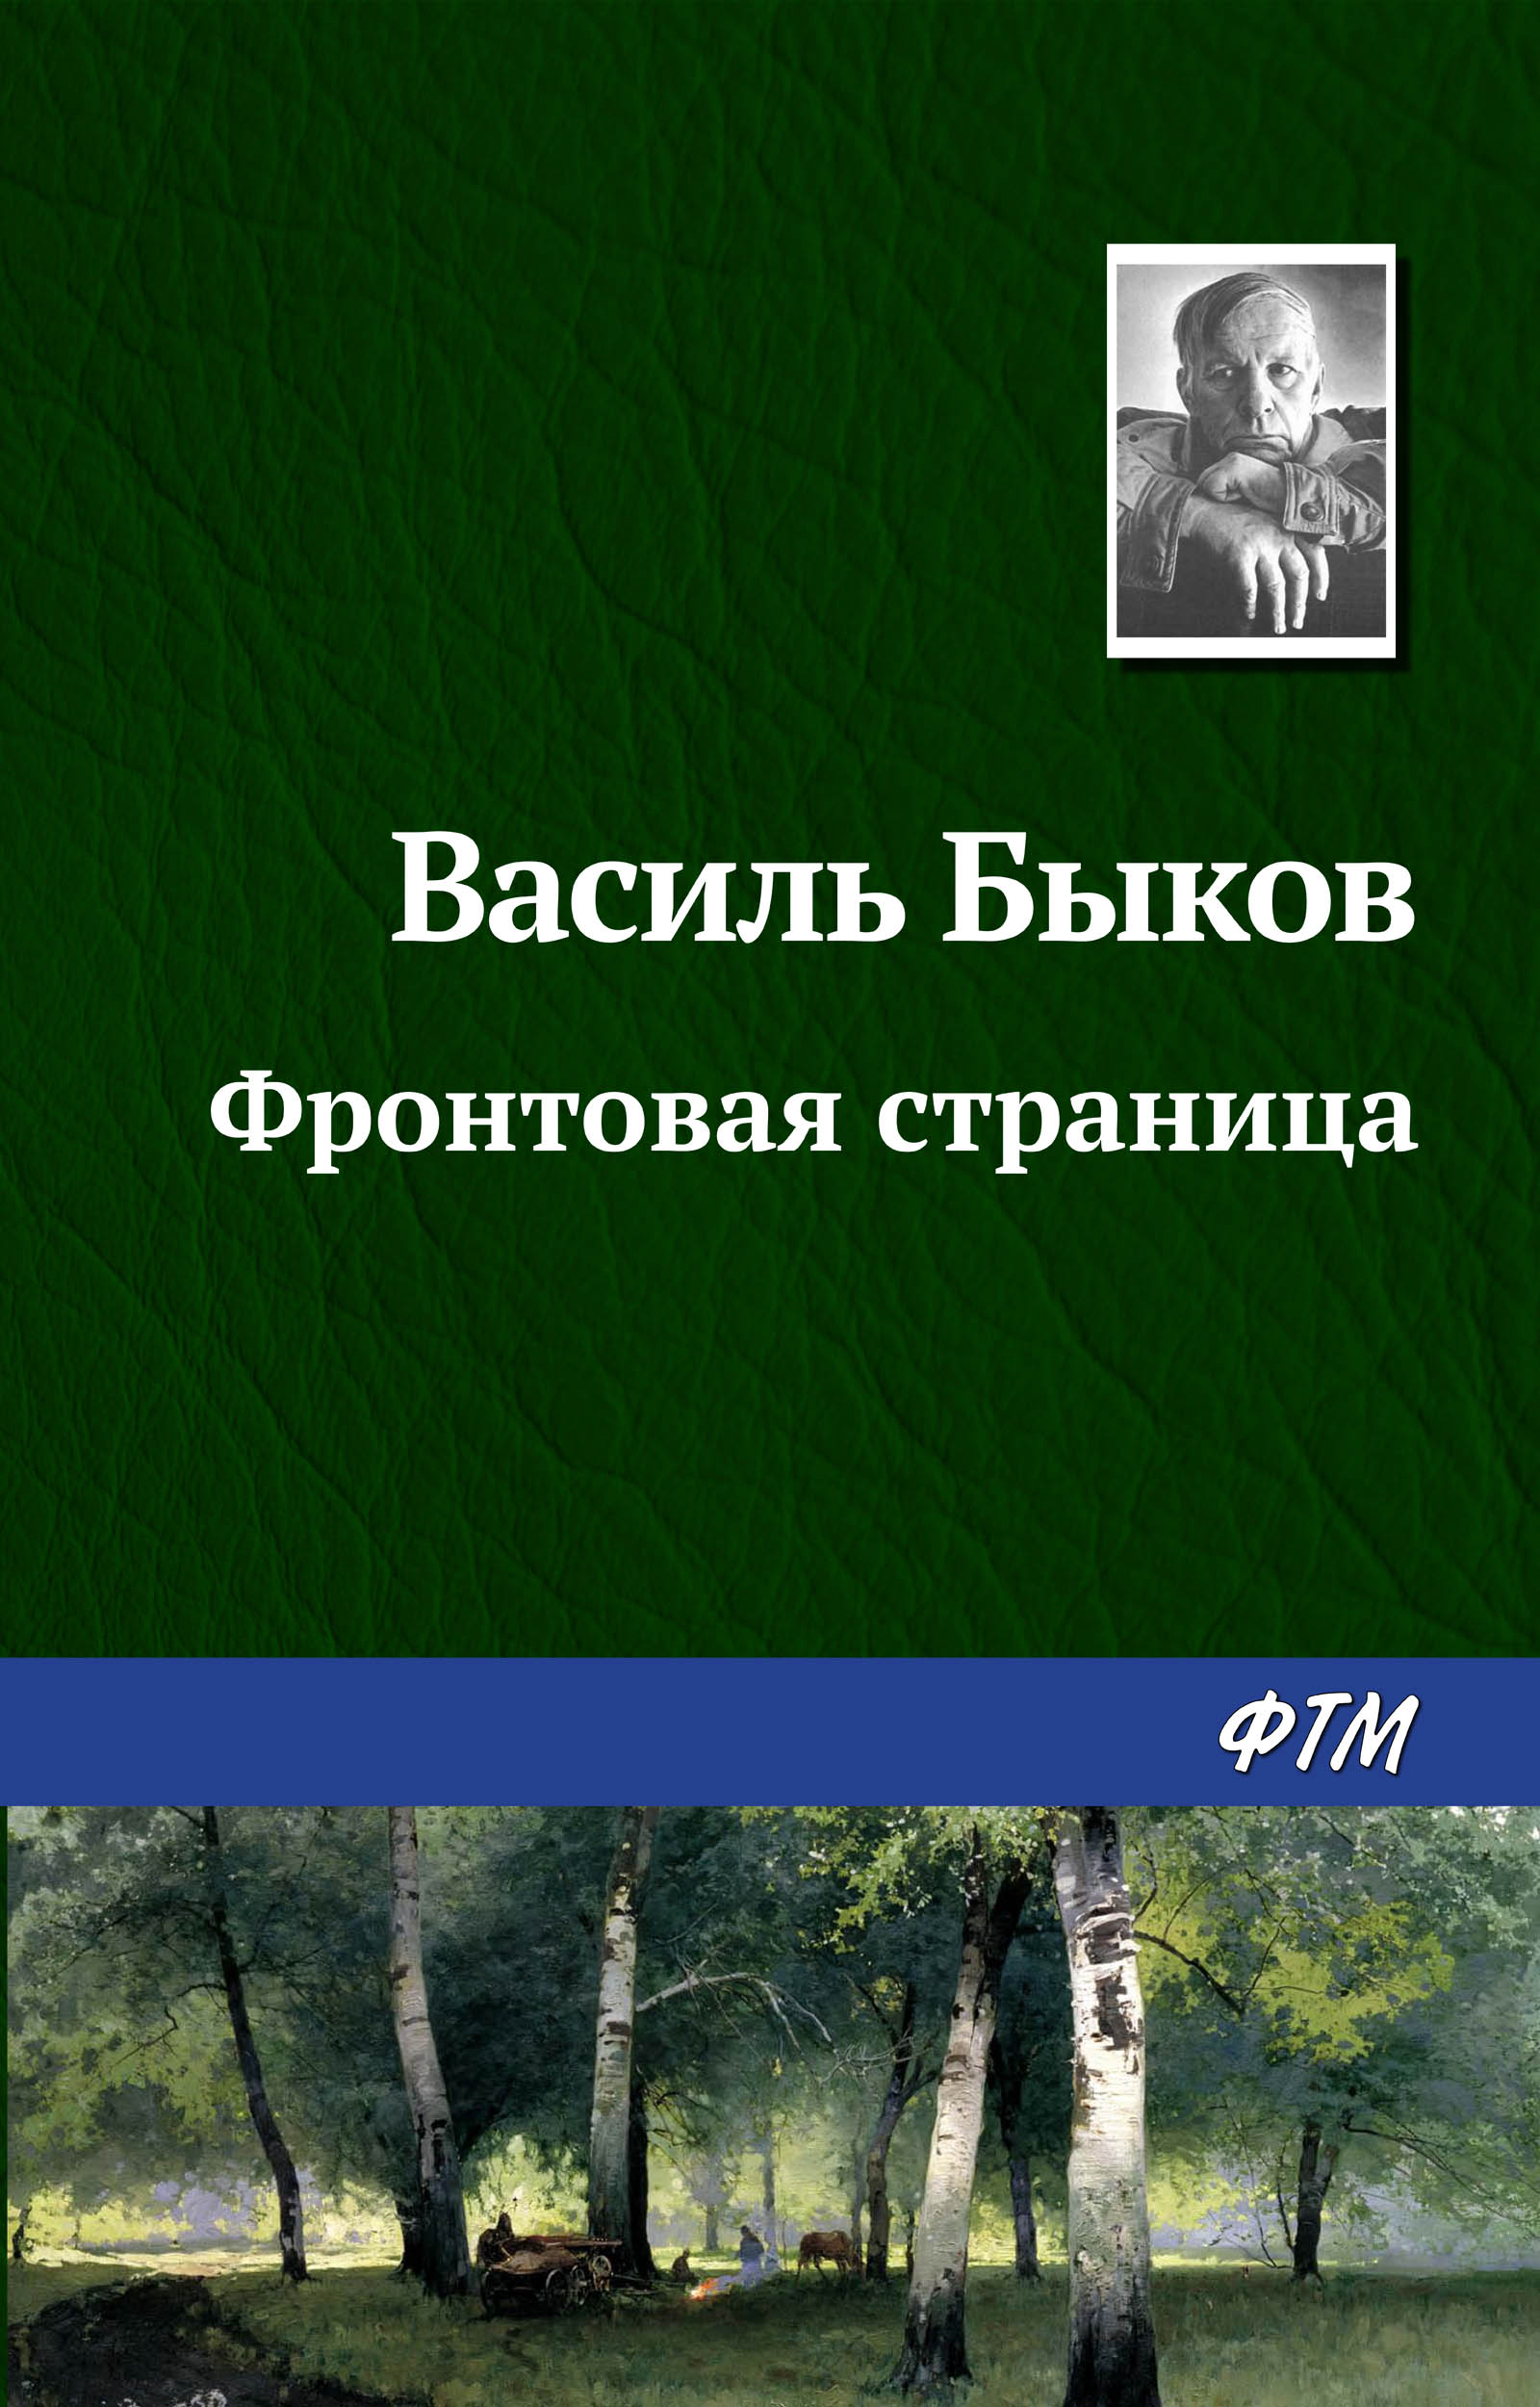 Василь Быков Фронтовая страница